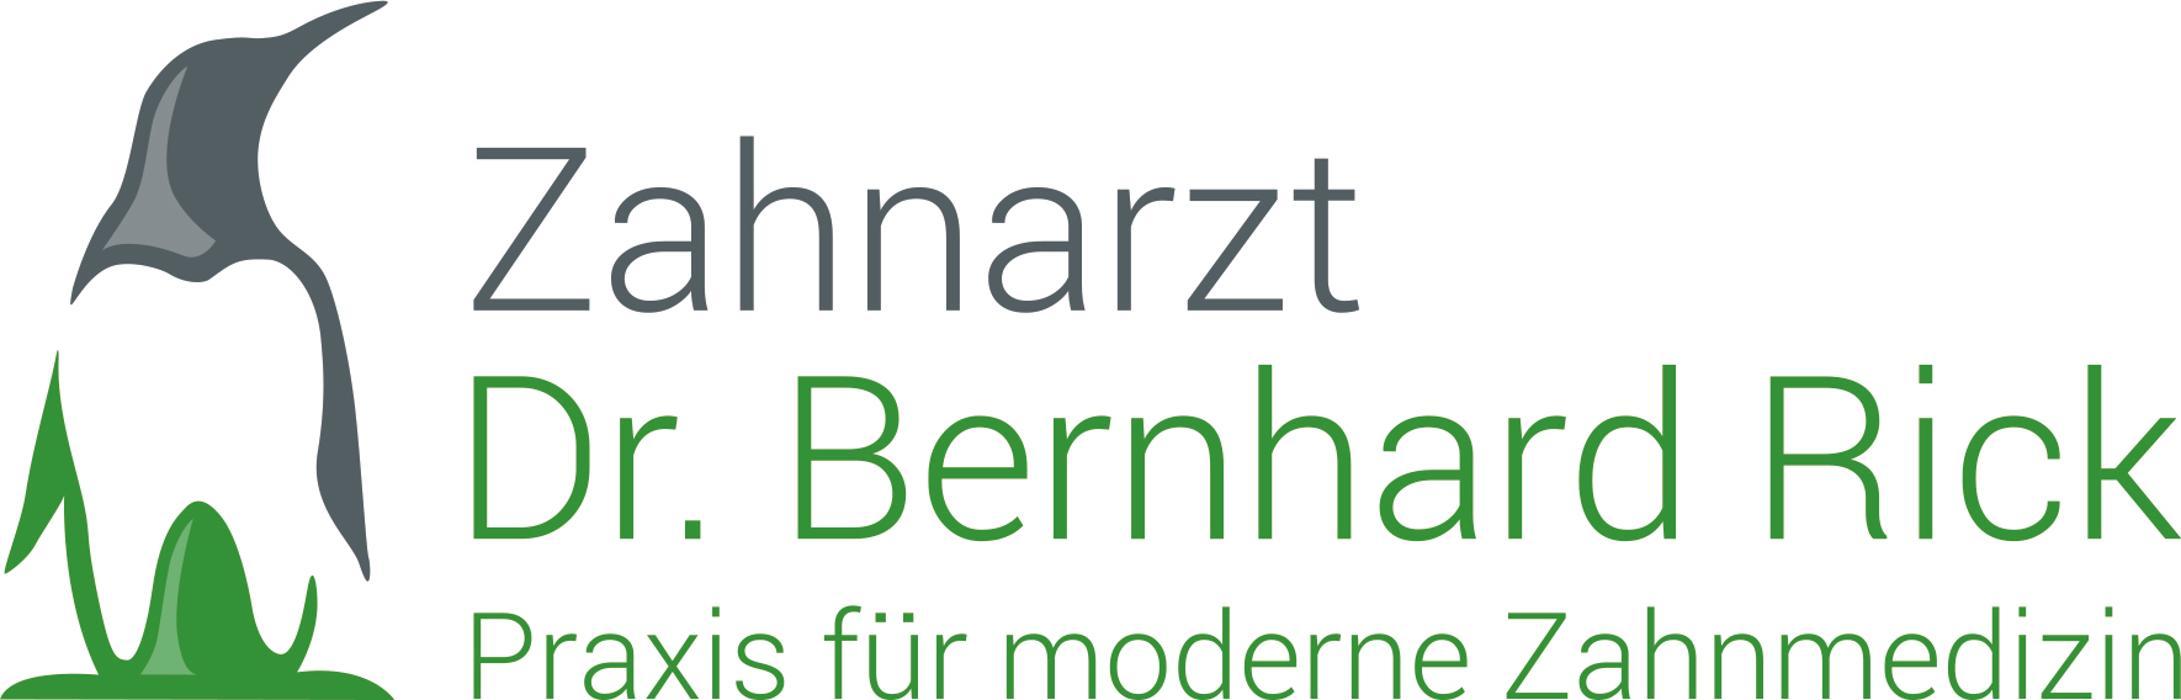 Bild zu Praxis für moderne Zahnmedizin Dr. Bernhard Rick in Wuppertal